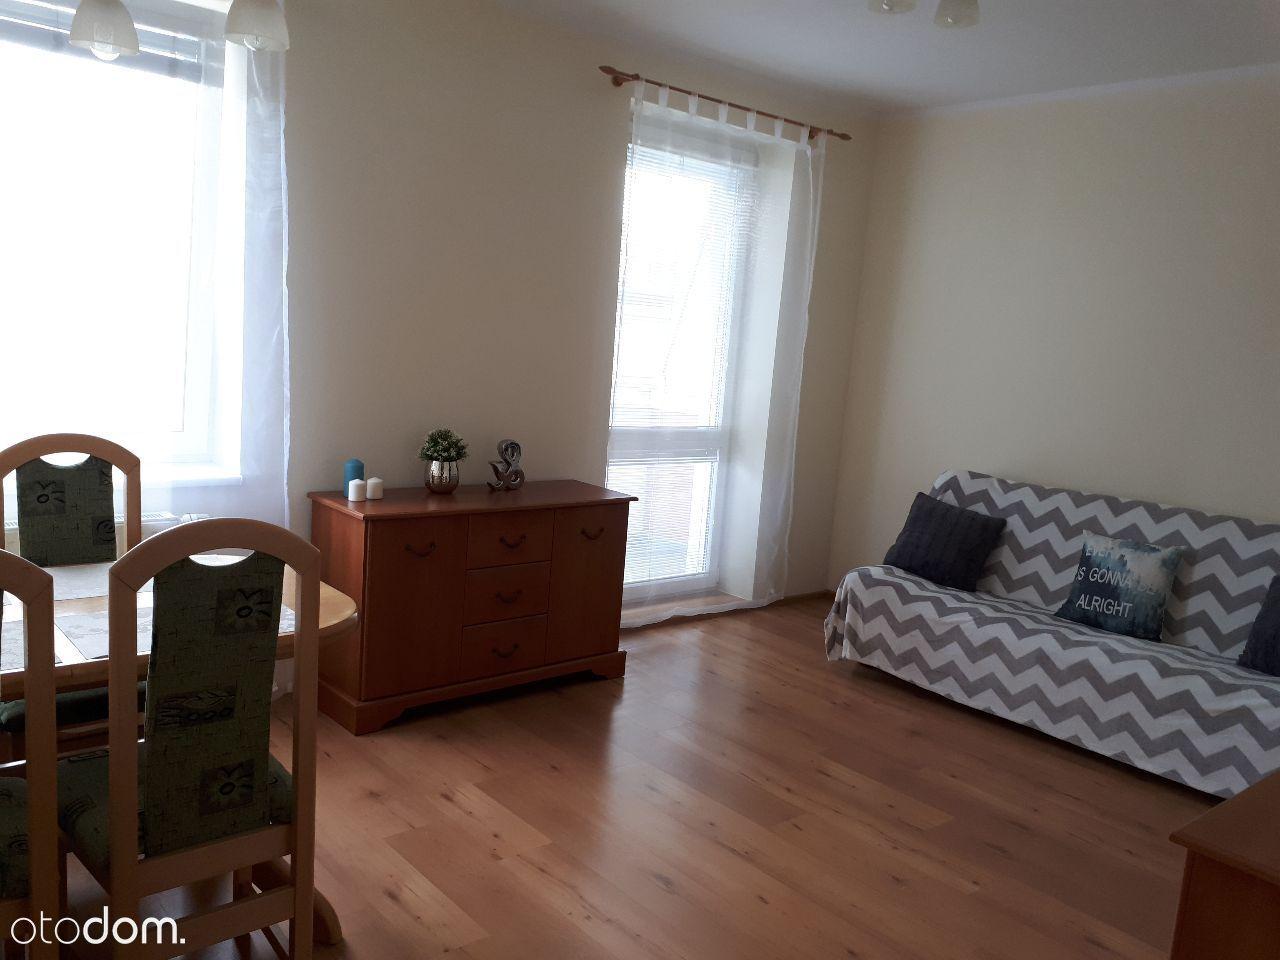 Oryginał 1 pokój, mieszkanie na sprzedaż - Wrocław, Fabryczna, Gądów Mały CL71